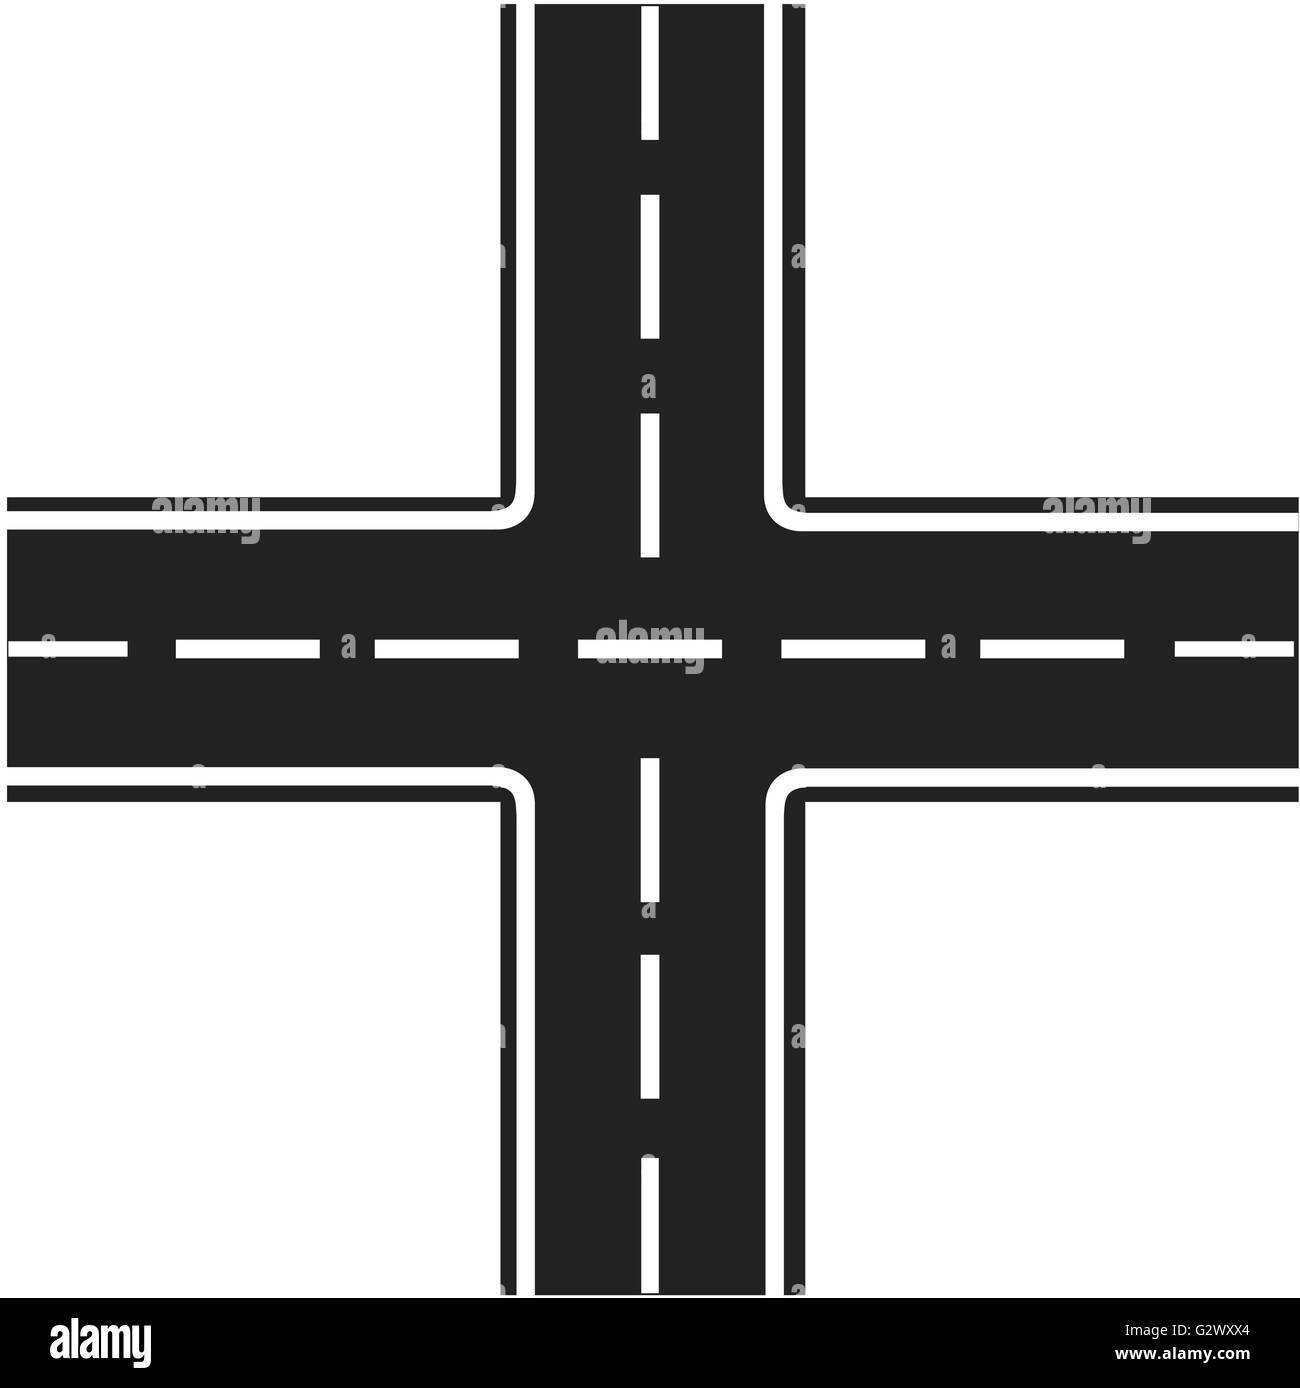 Cent ans et les poésies opportunes - Page 18 La-jonction-de-route-illustration-carrefour-intersection-de-l-autoroute-g2wxx4